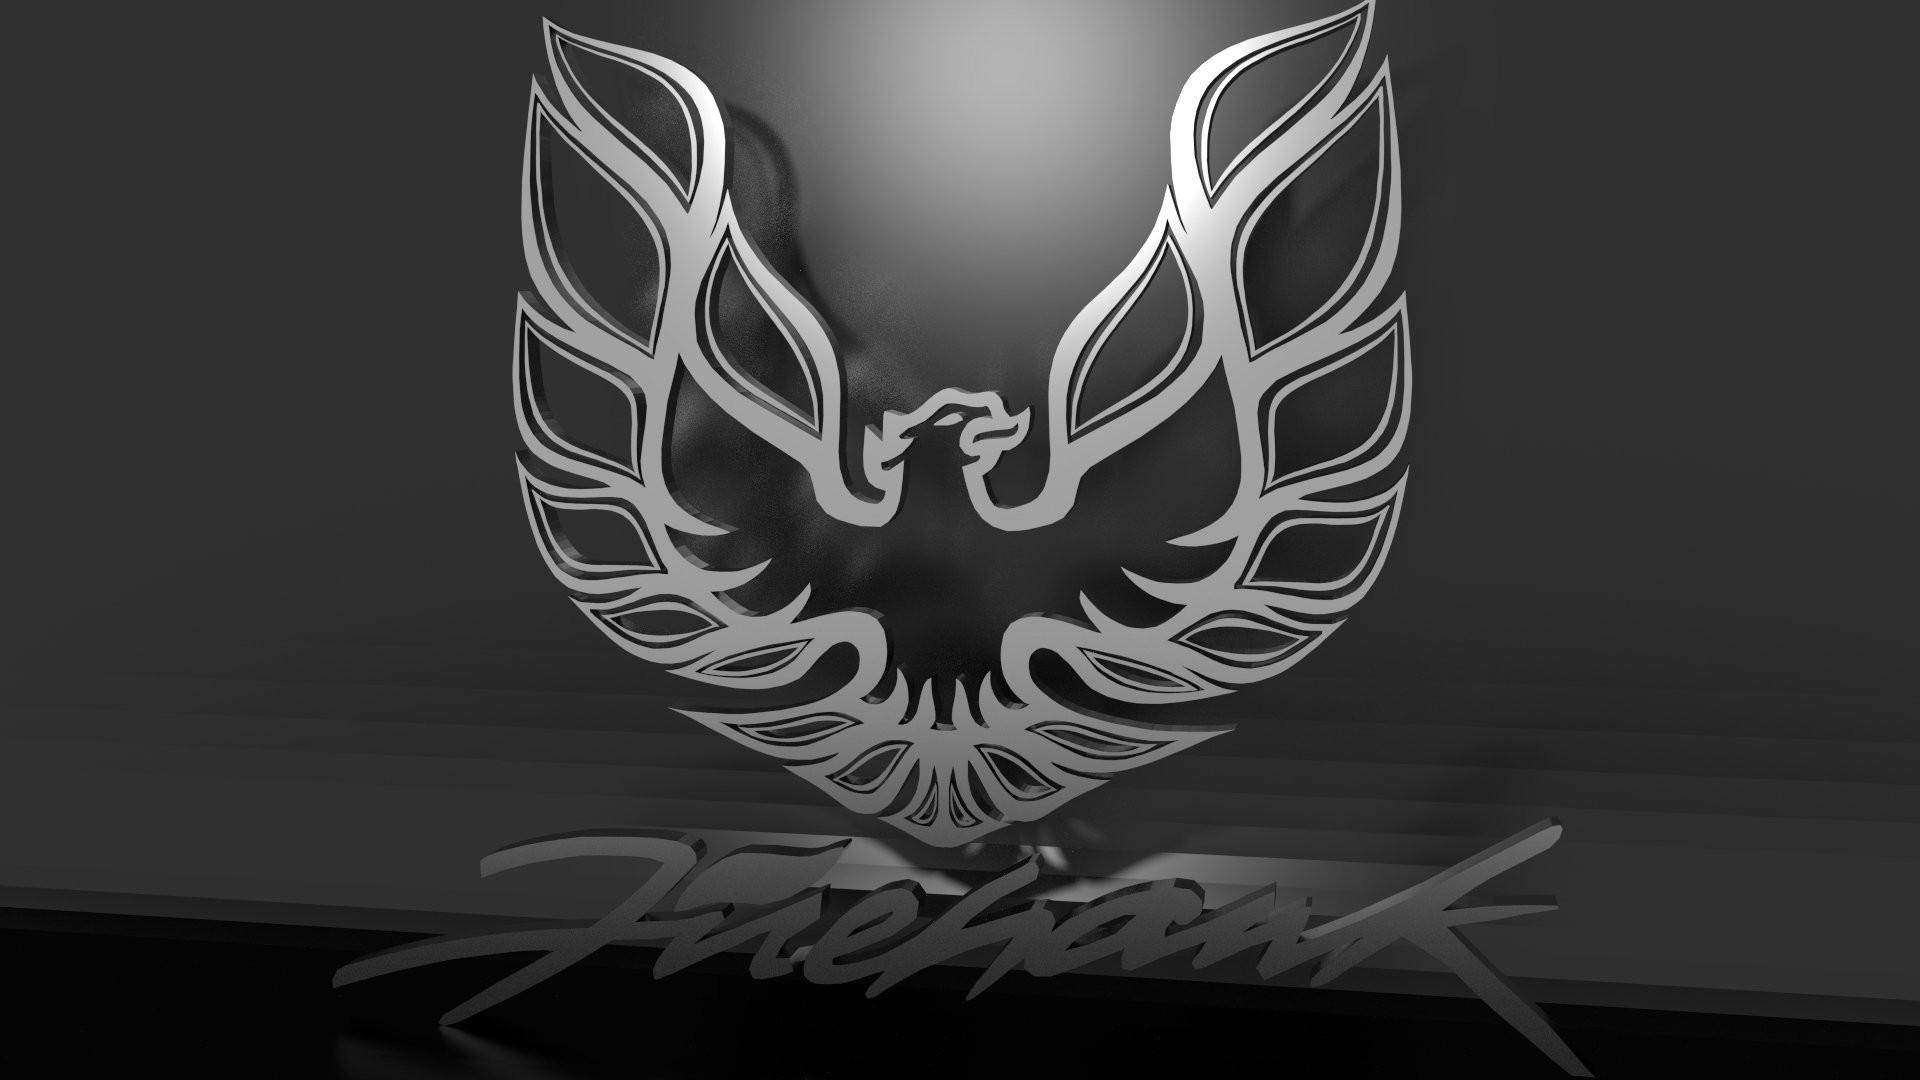 Res: 1920x1080, firebird logo